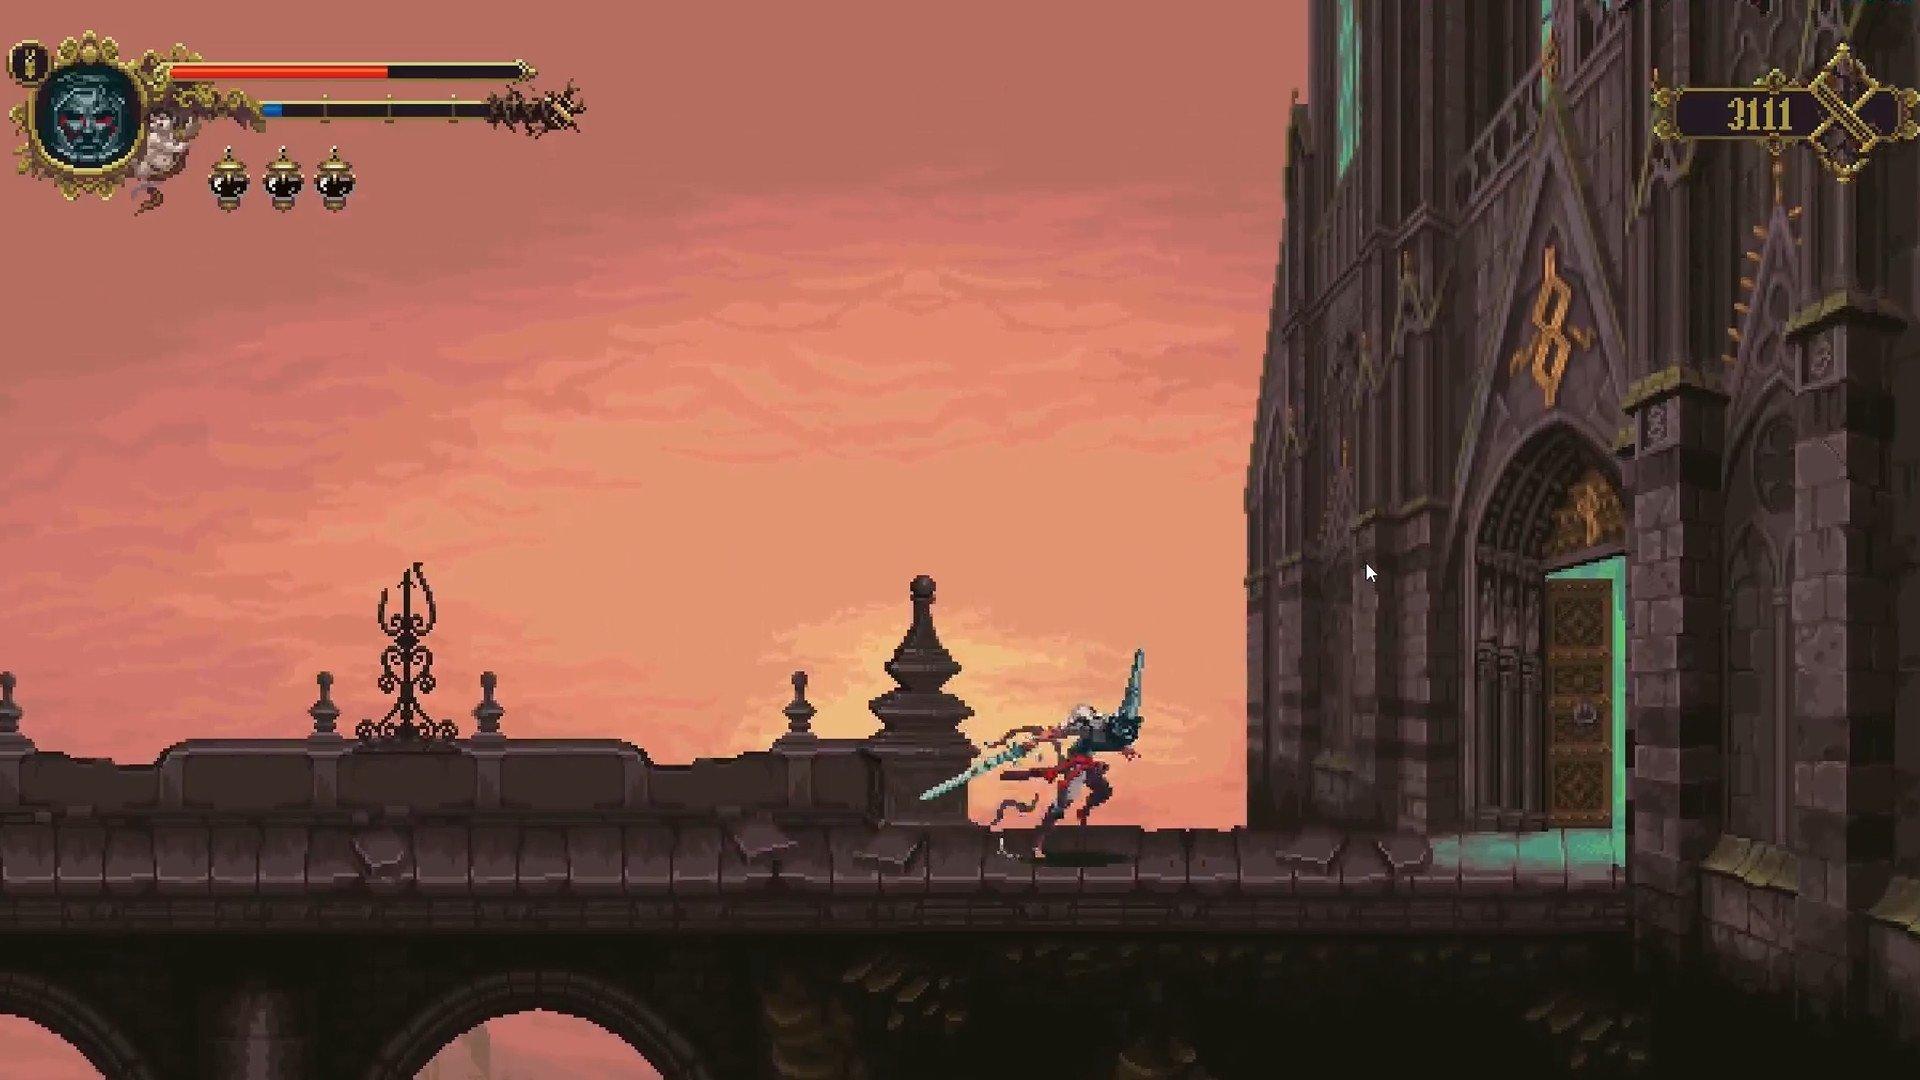 Скриншот к игре Blasphemous v.1.0.13 [GOG] (2019) скачать торрент Лицензия